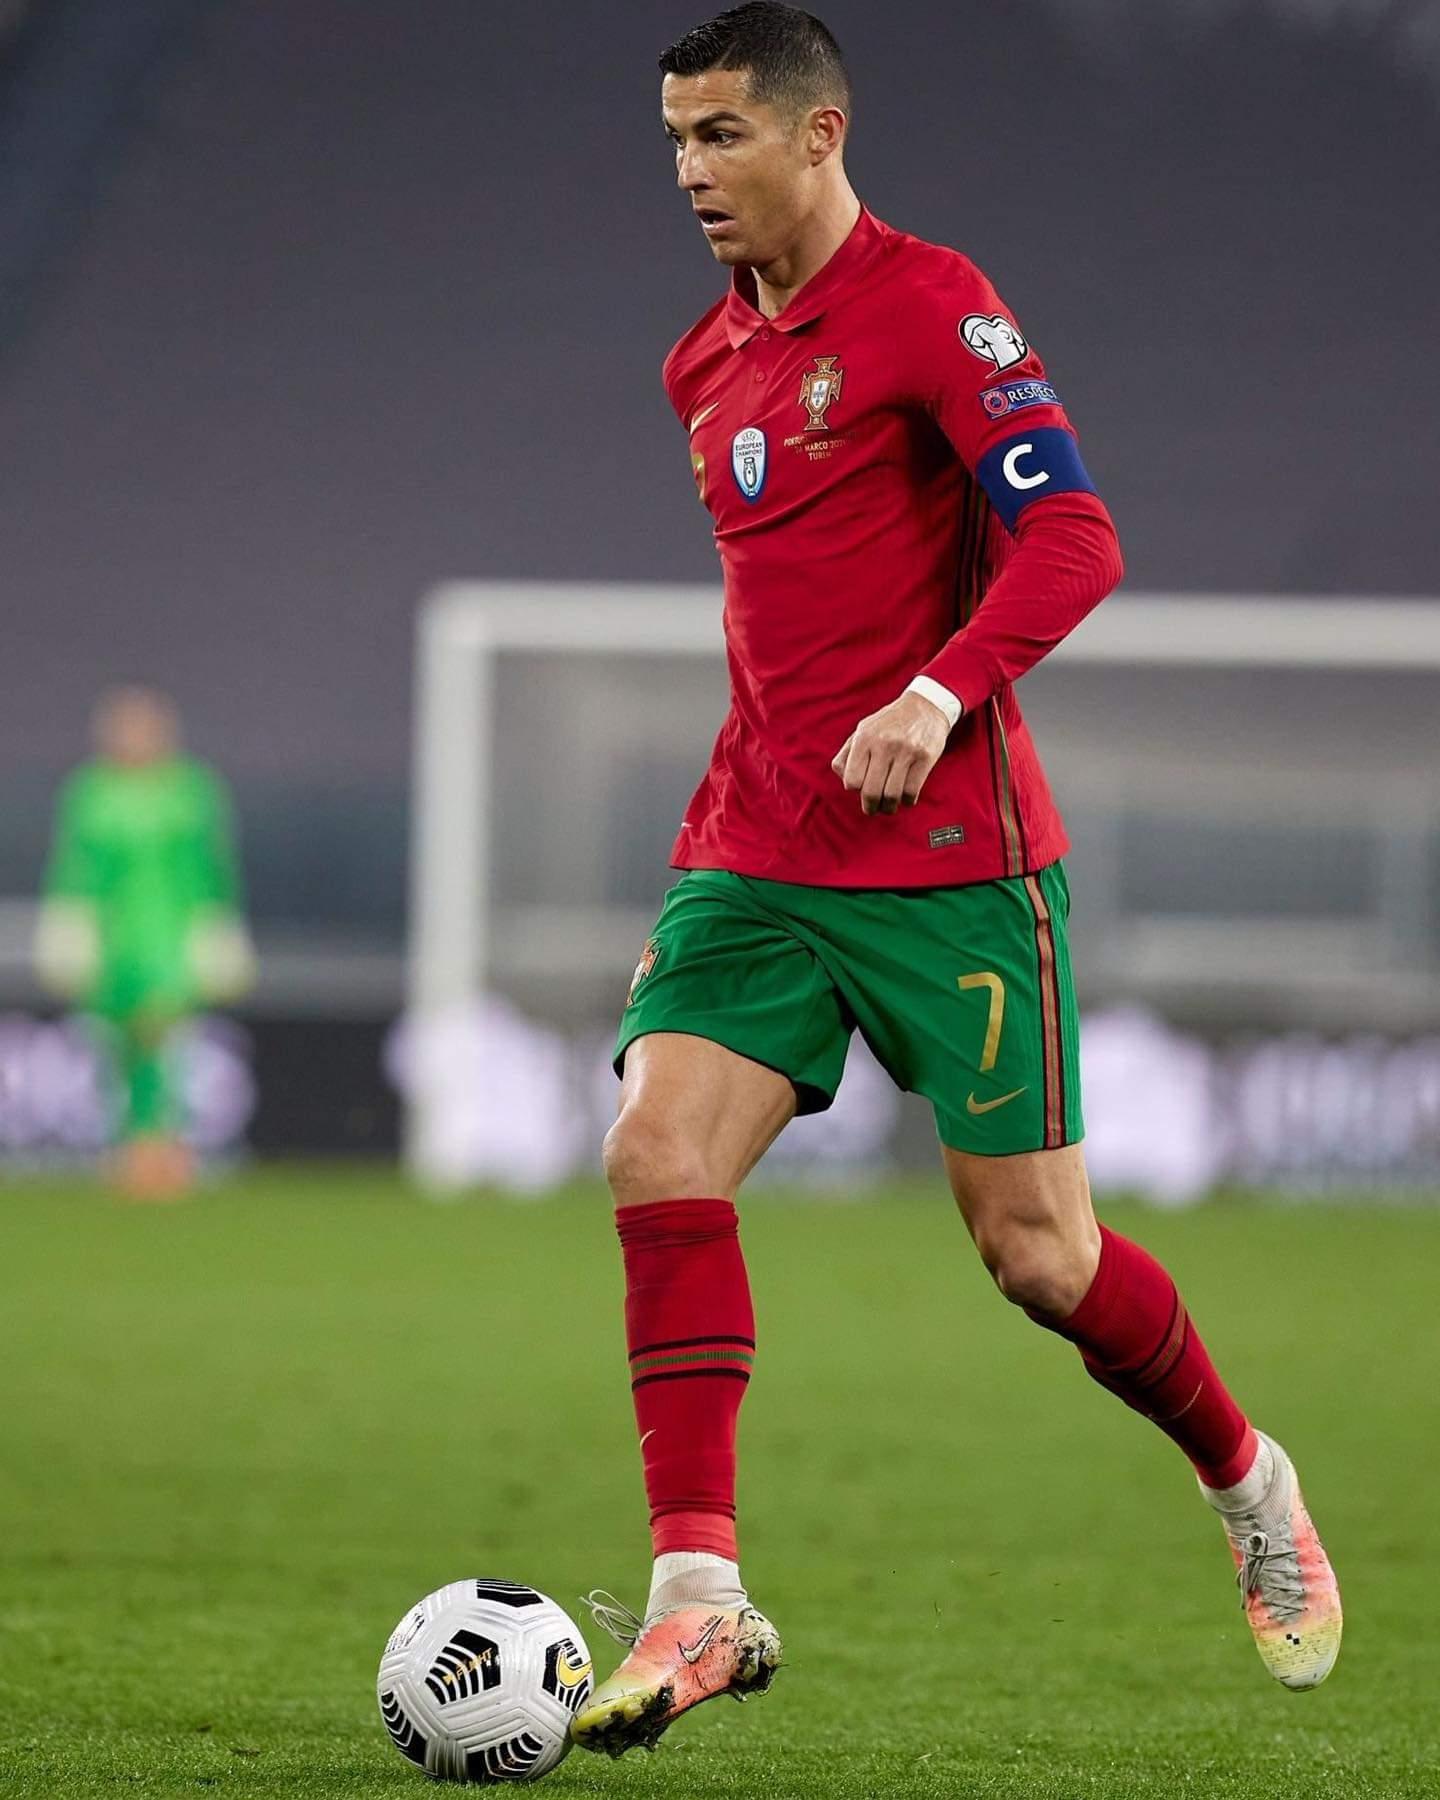 サッカーボールをドリブルするクリスティアーノ・ロナウド